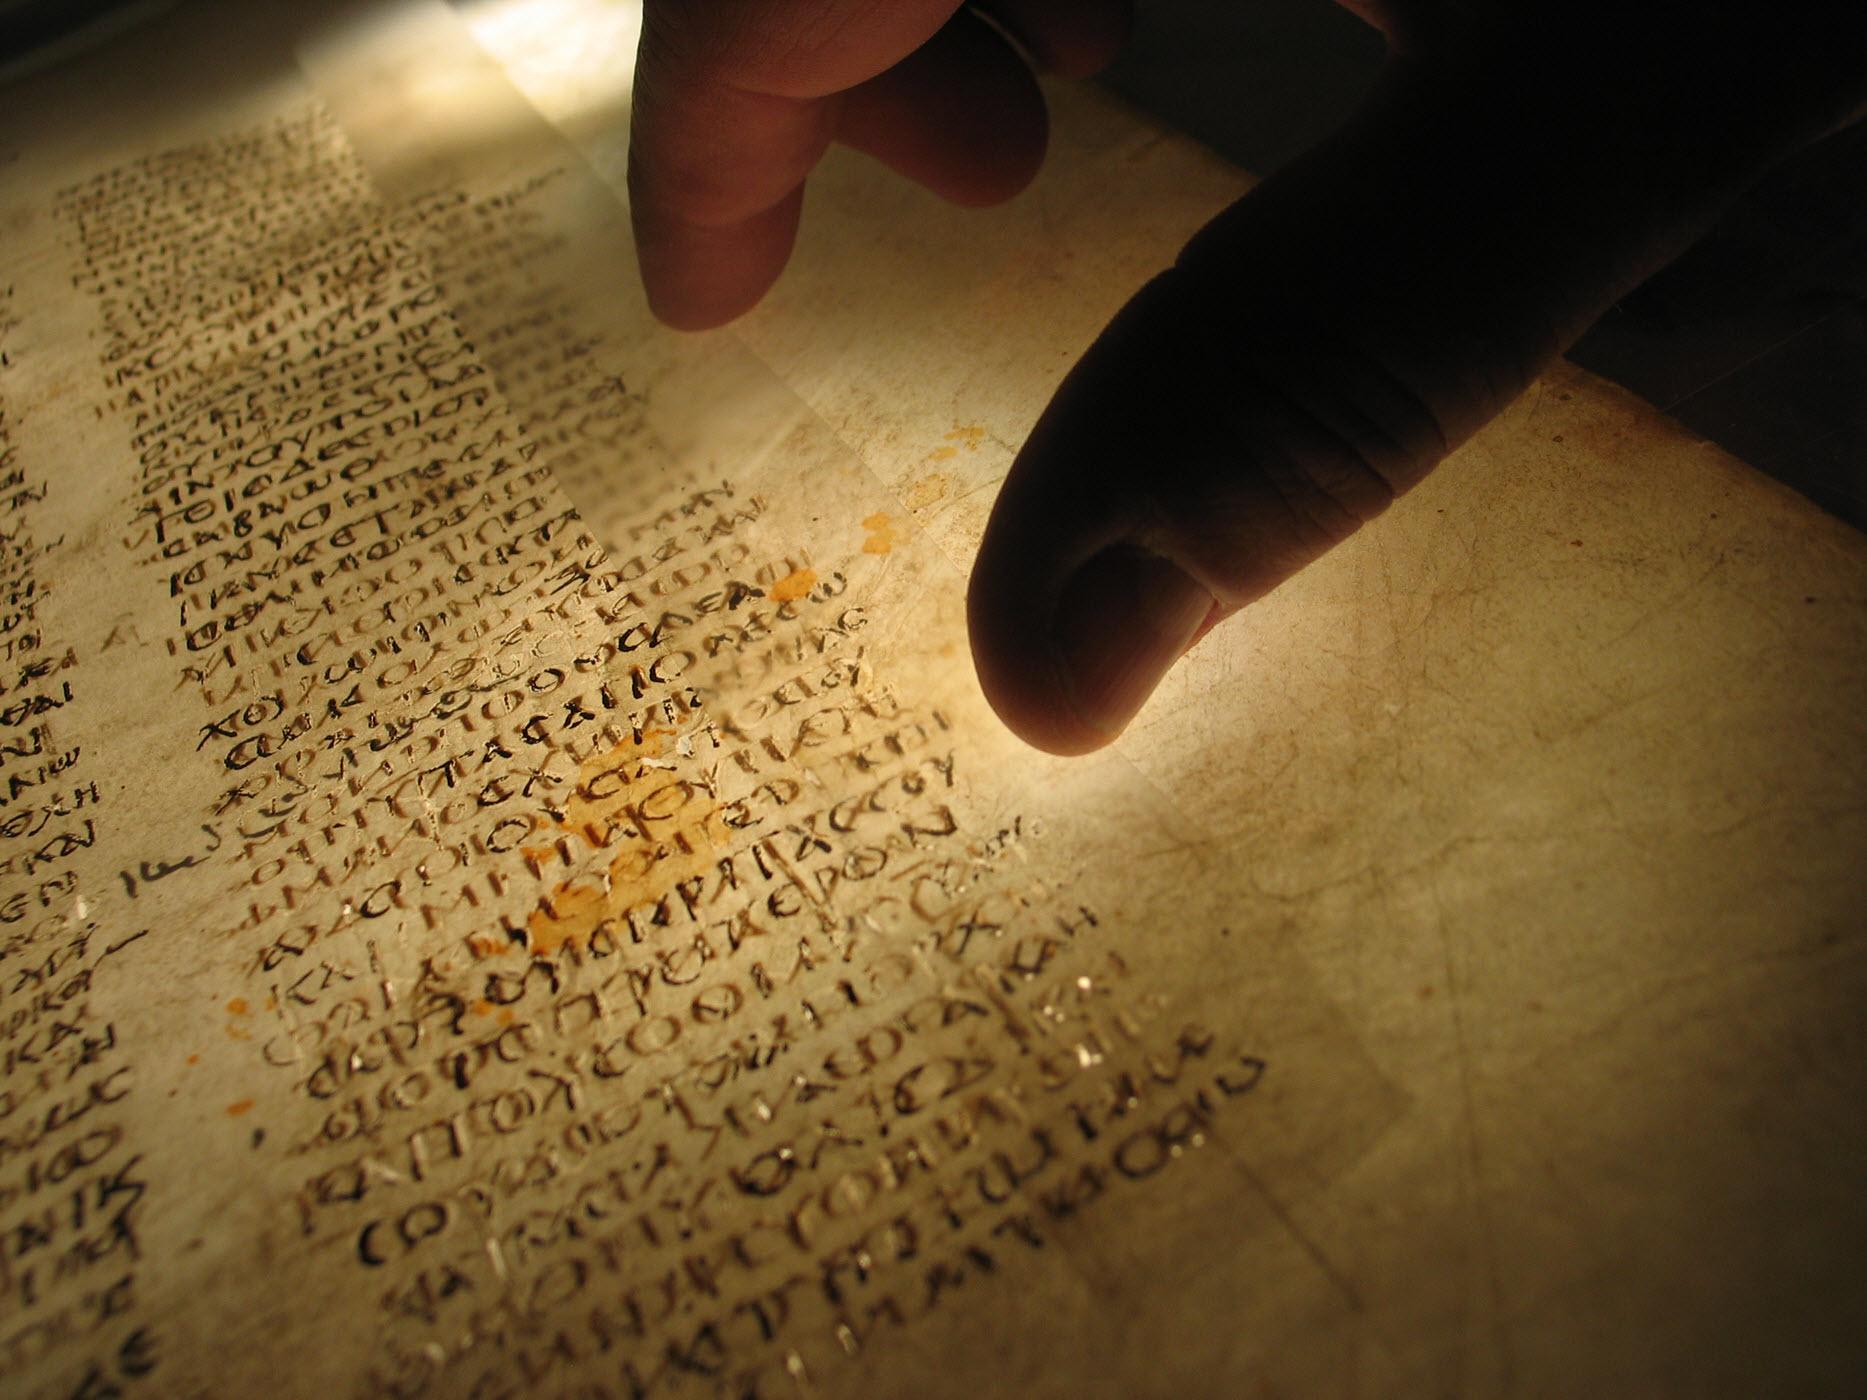 وفرة هائلة في مخطوطات العهد الجديد: كيف يمكننا التأكد من أن ما كتبه الرسل هو ما وصلنا حقًا؟